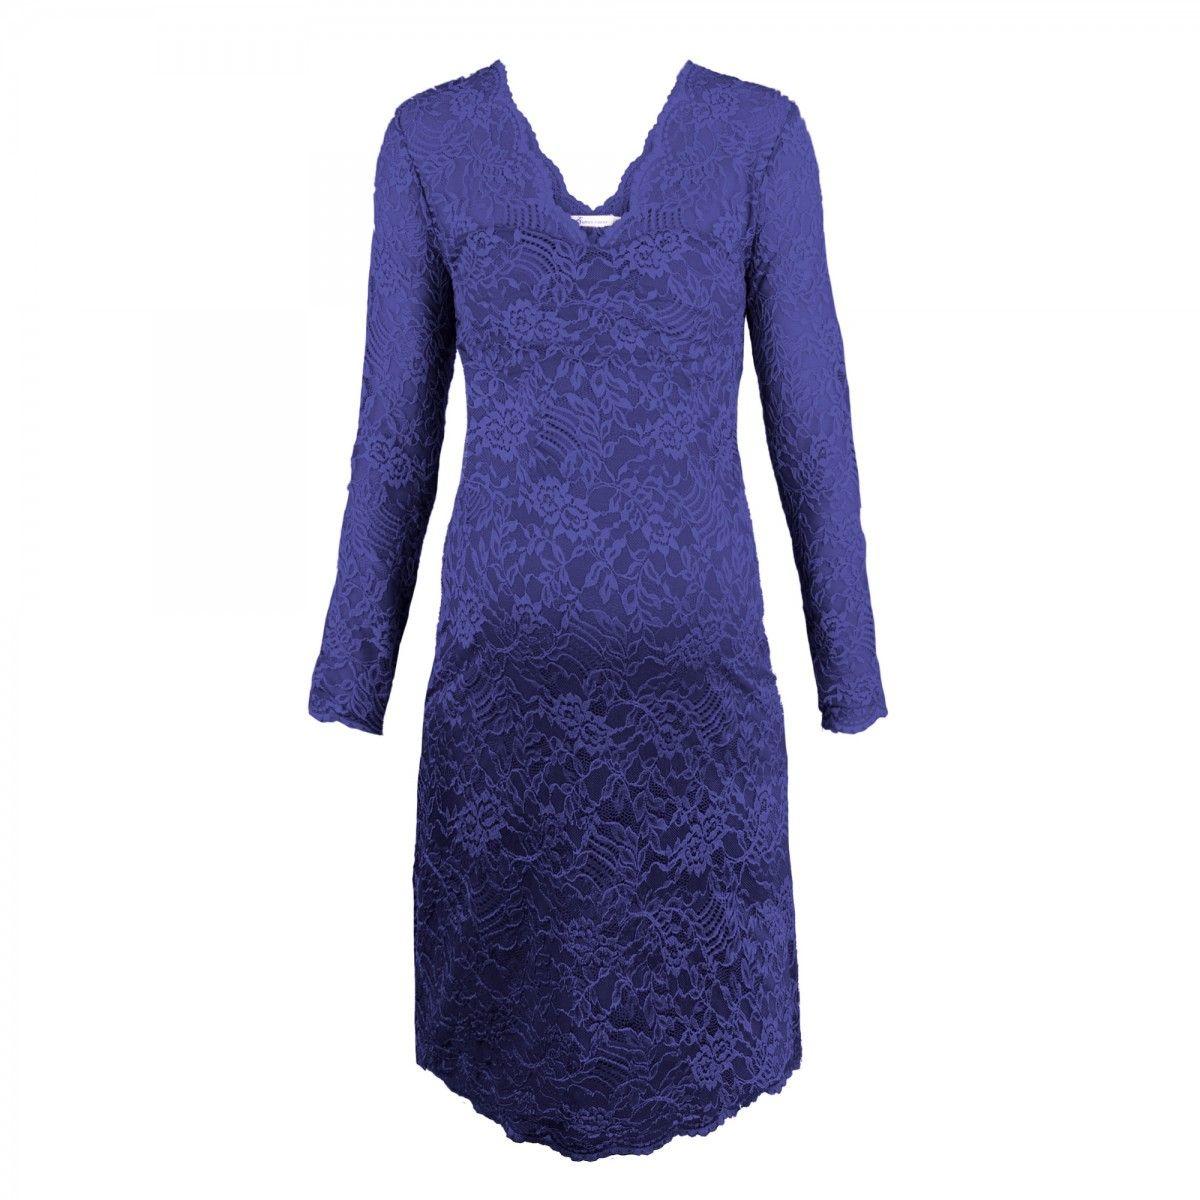 Queen mum party lace dress diva blue-31